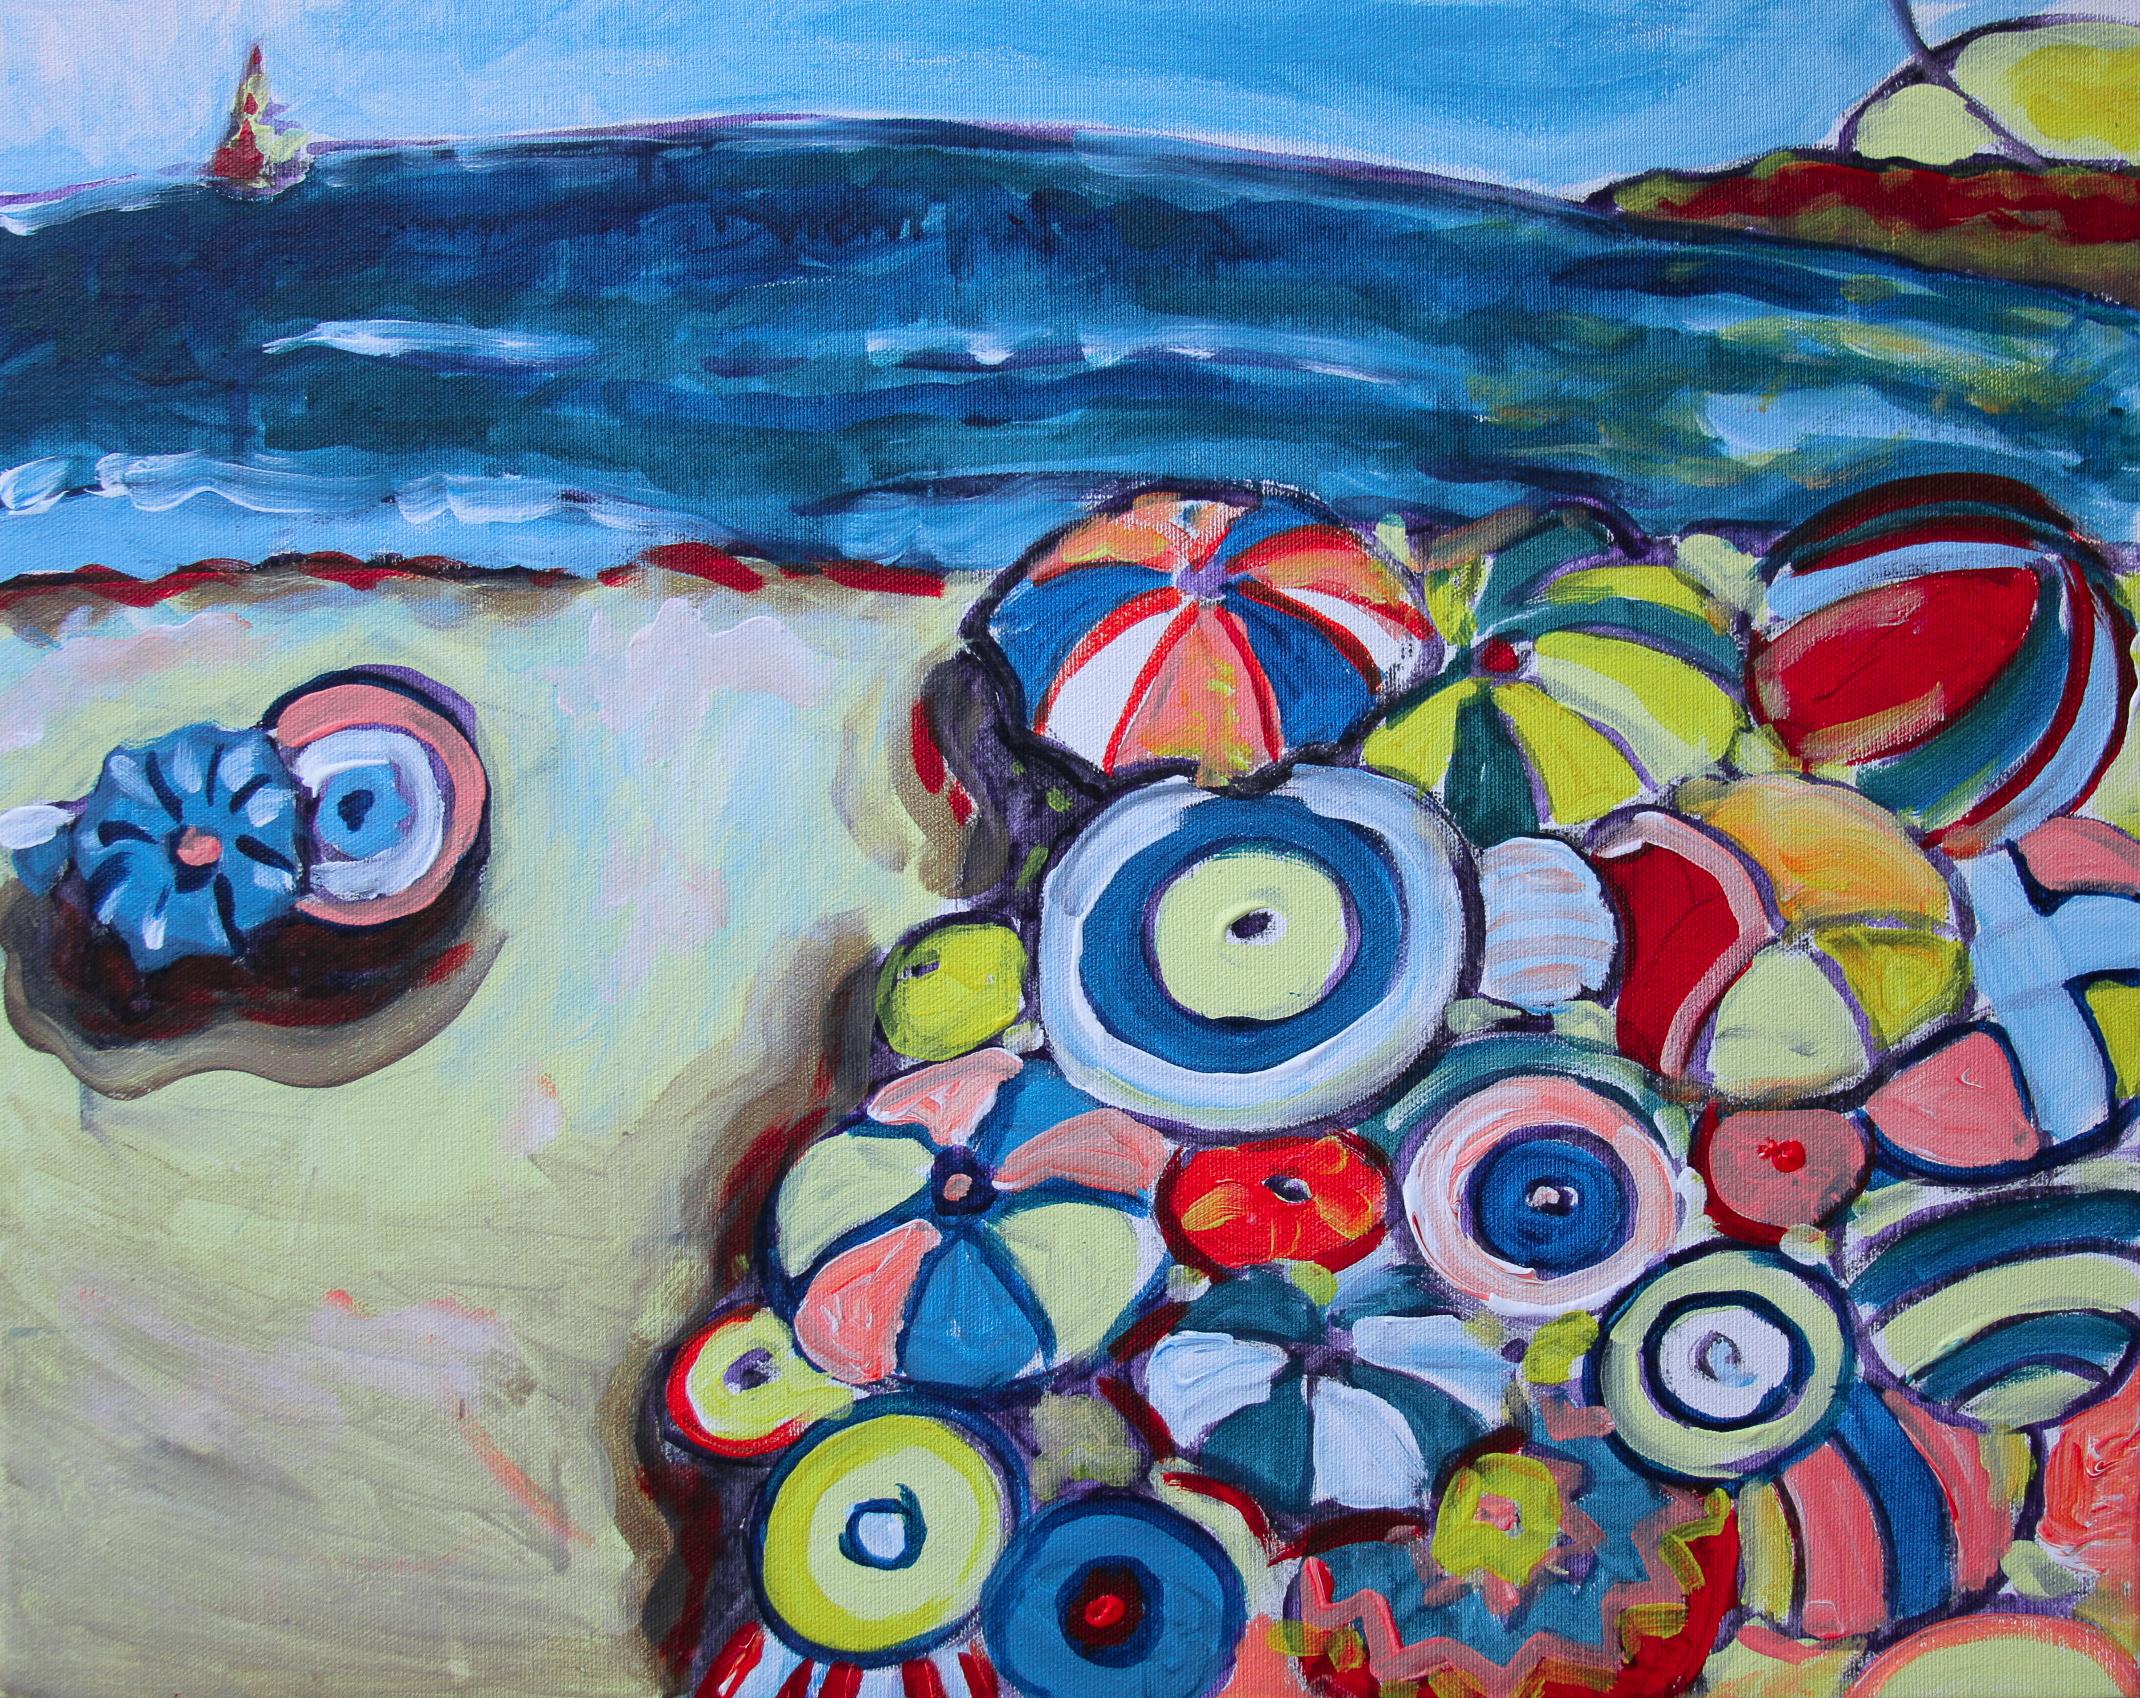 'U n Me at the Beach'